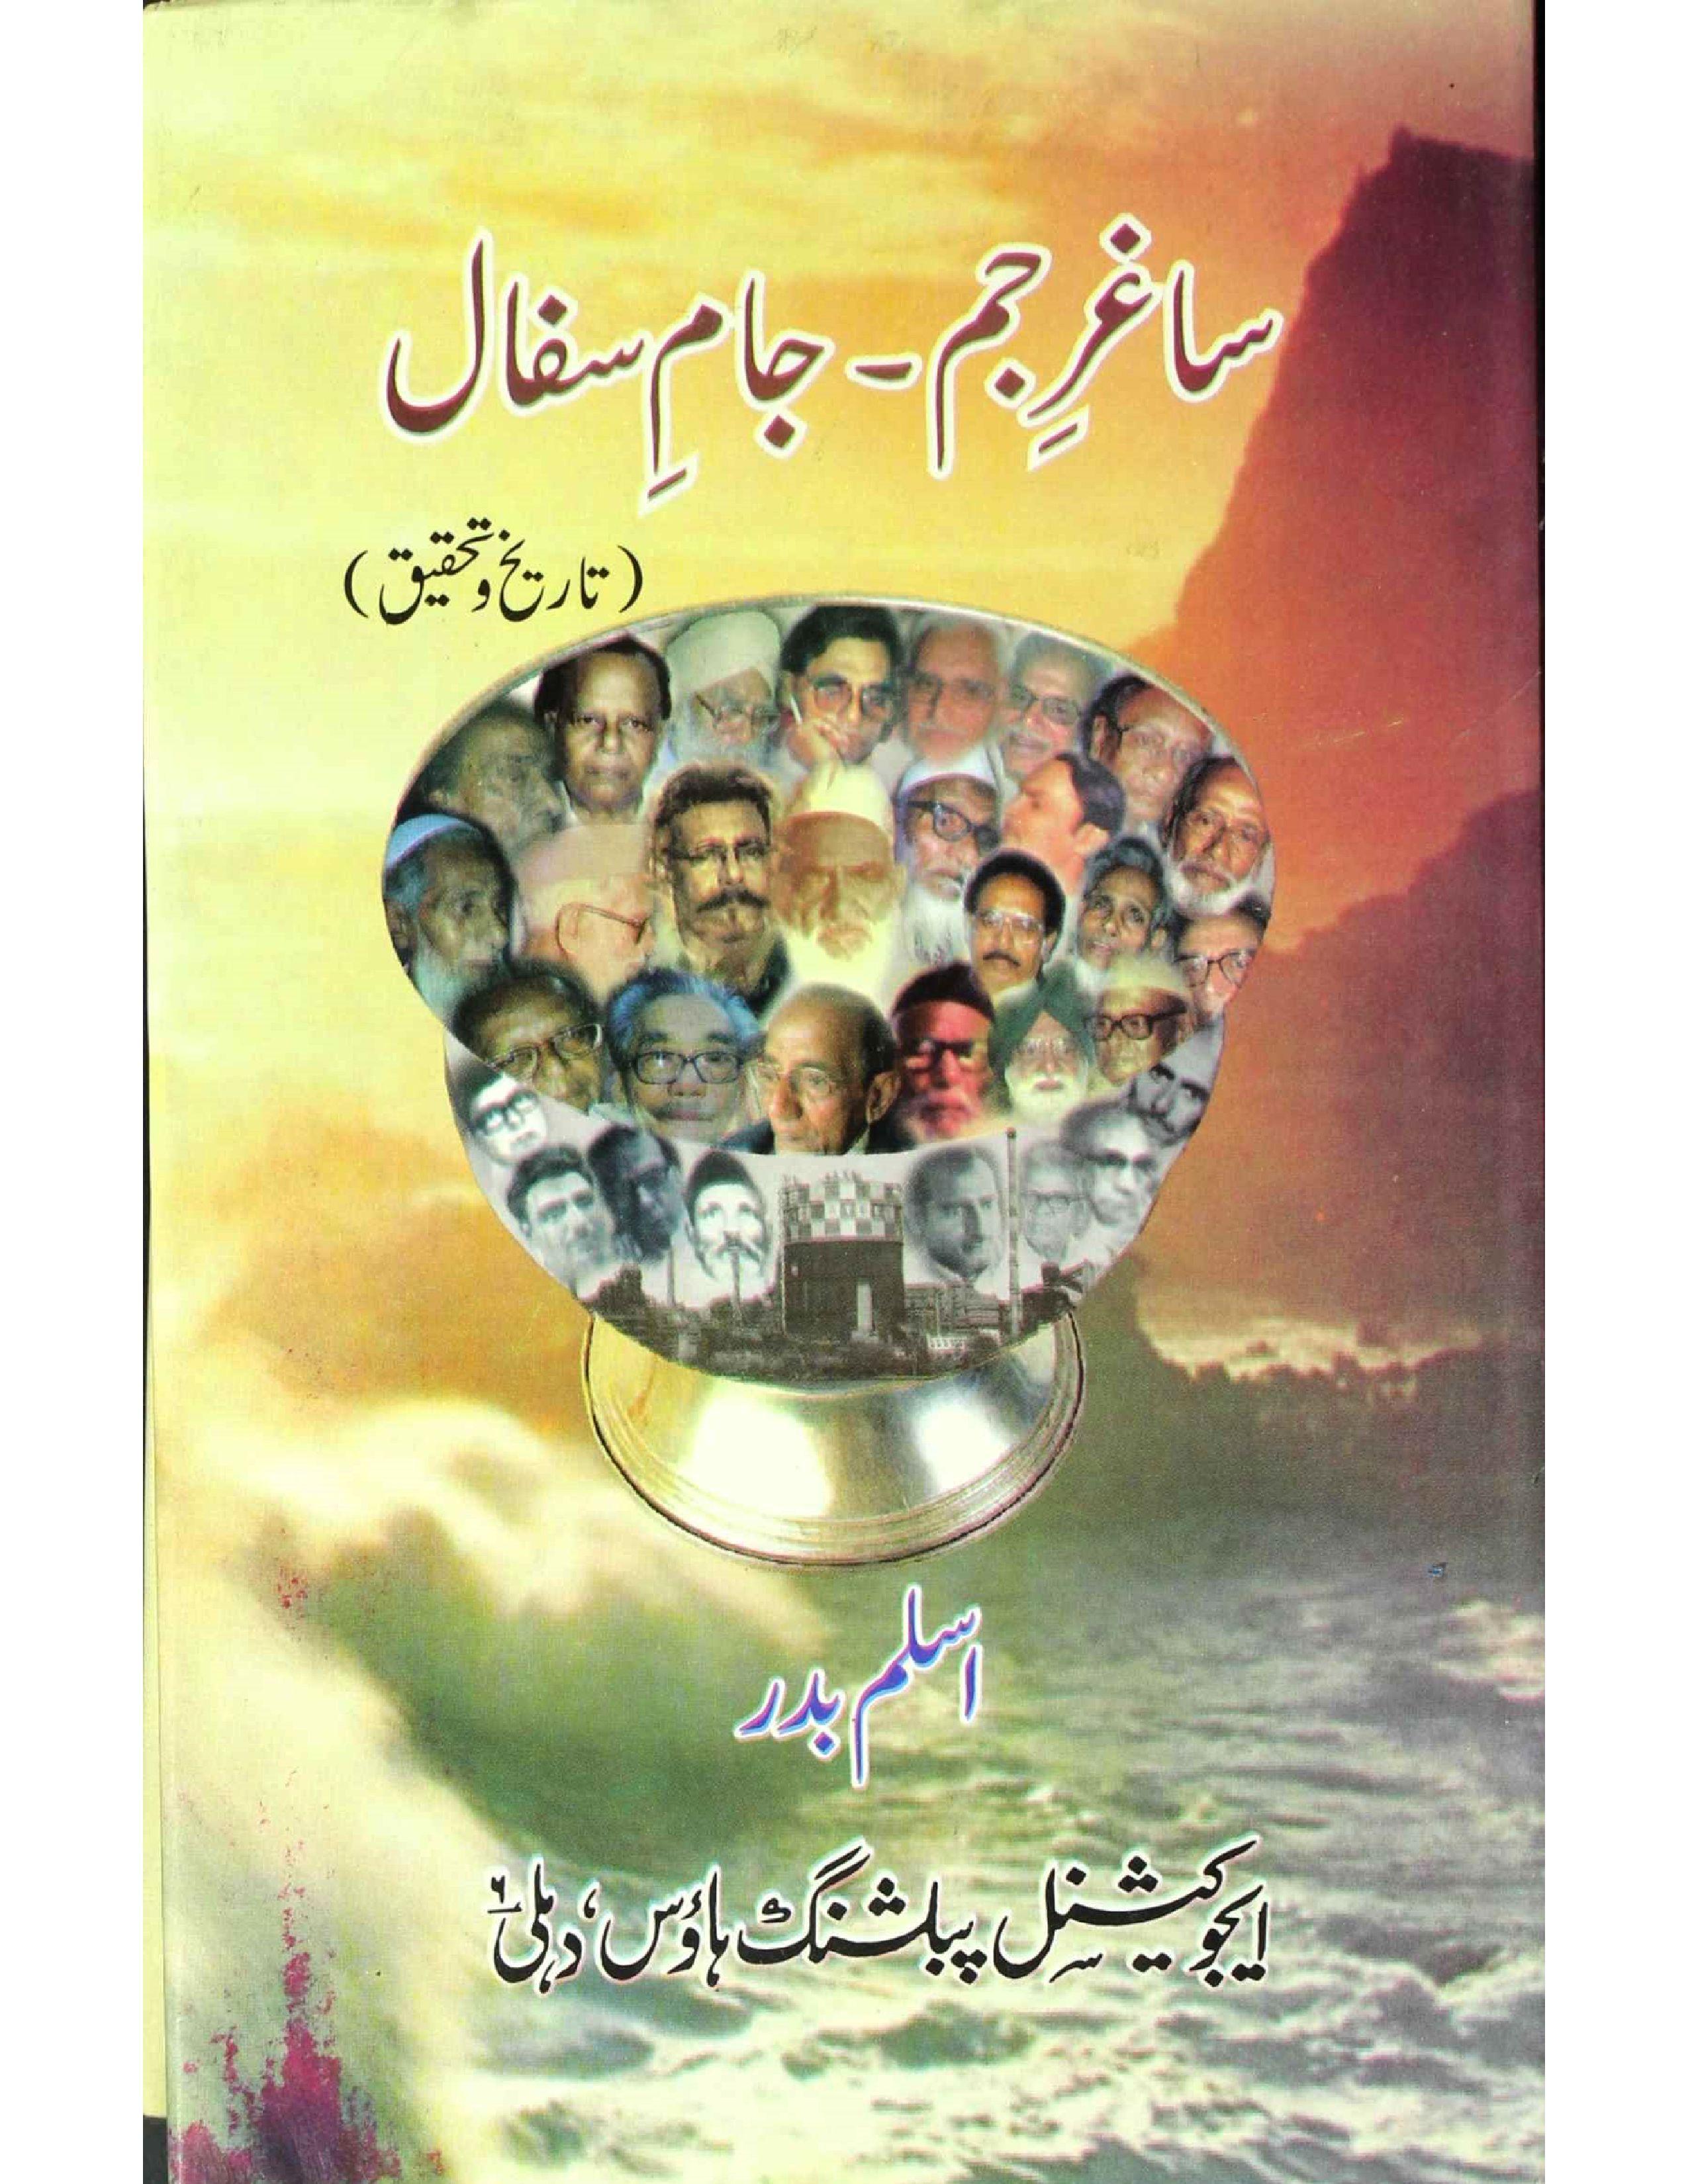 Saghar-e-Jum-Jam-e-Sifal